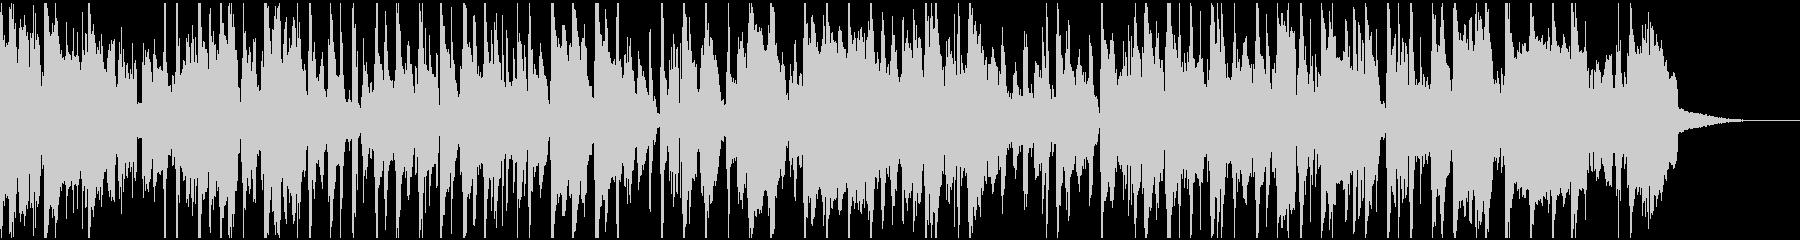 トランペットの響きが美しいスロージャズの未再生の波形